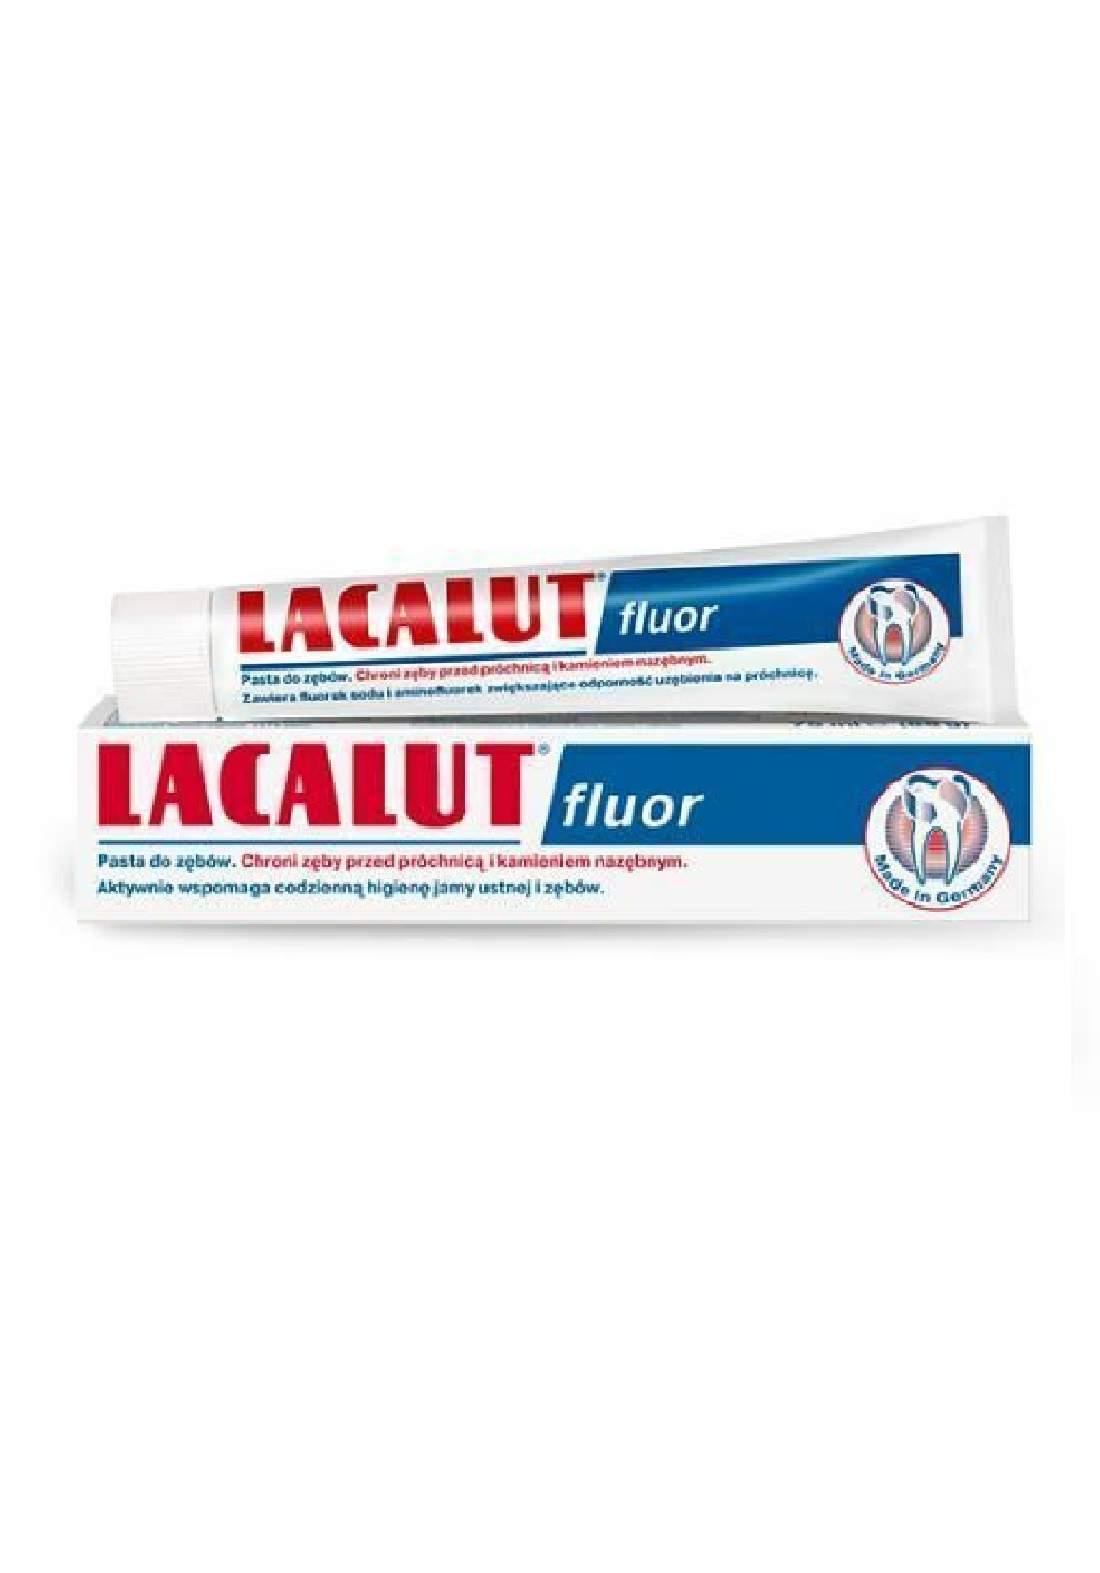 Lacalut Fluor Toothpaste 75ml معجون الأسنان